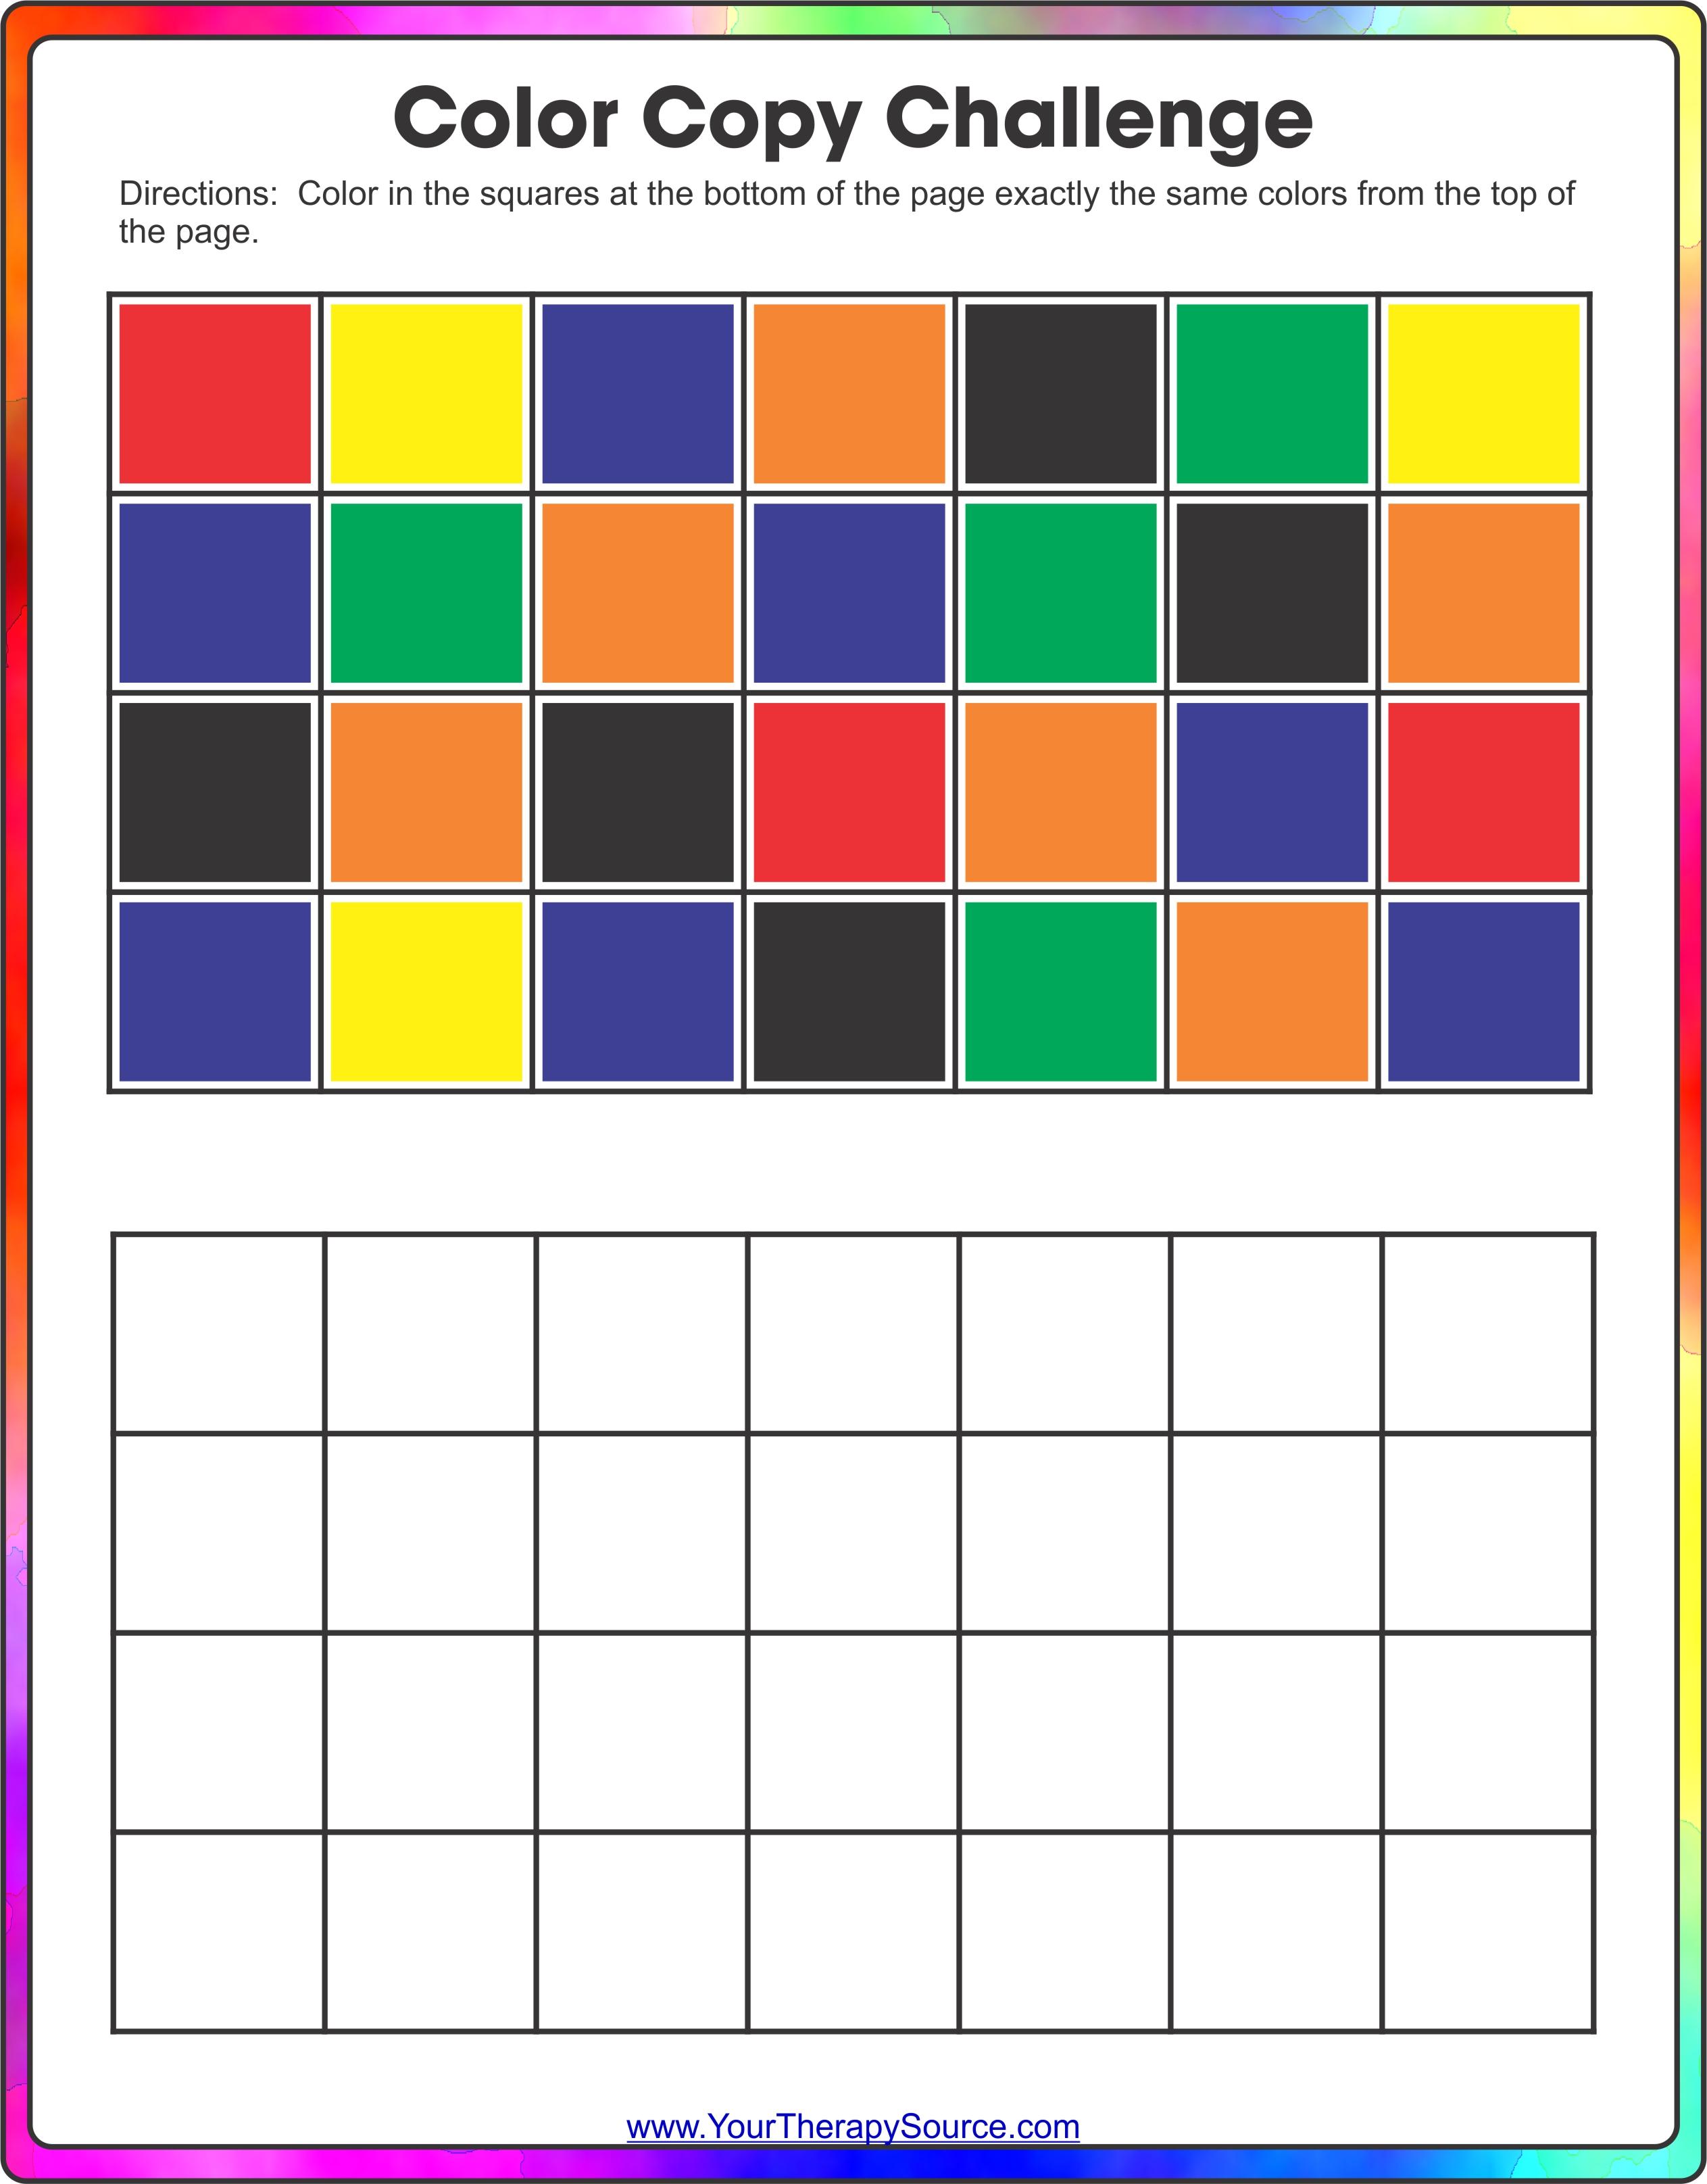 Color Copy Challenge